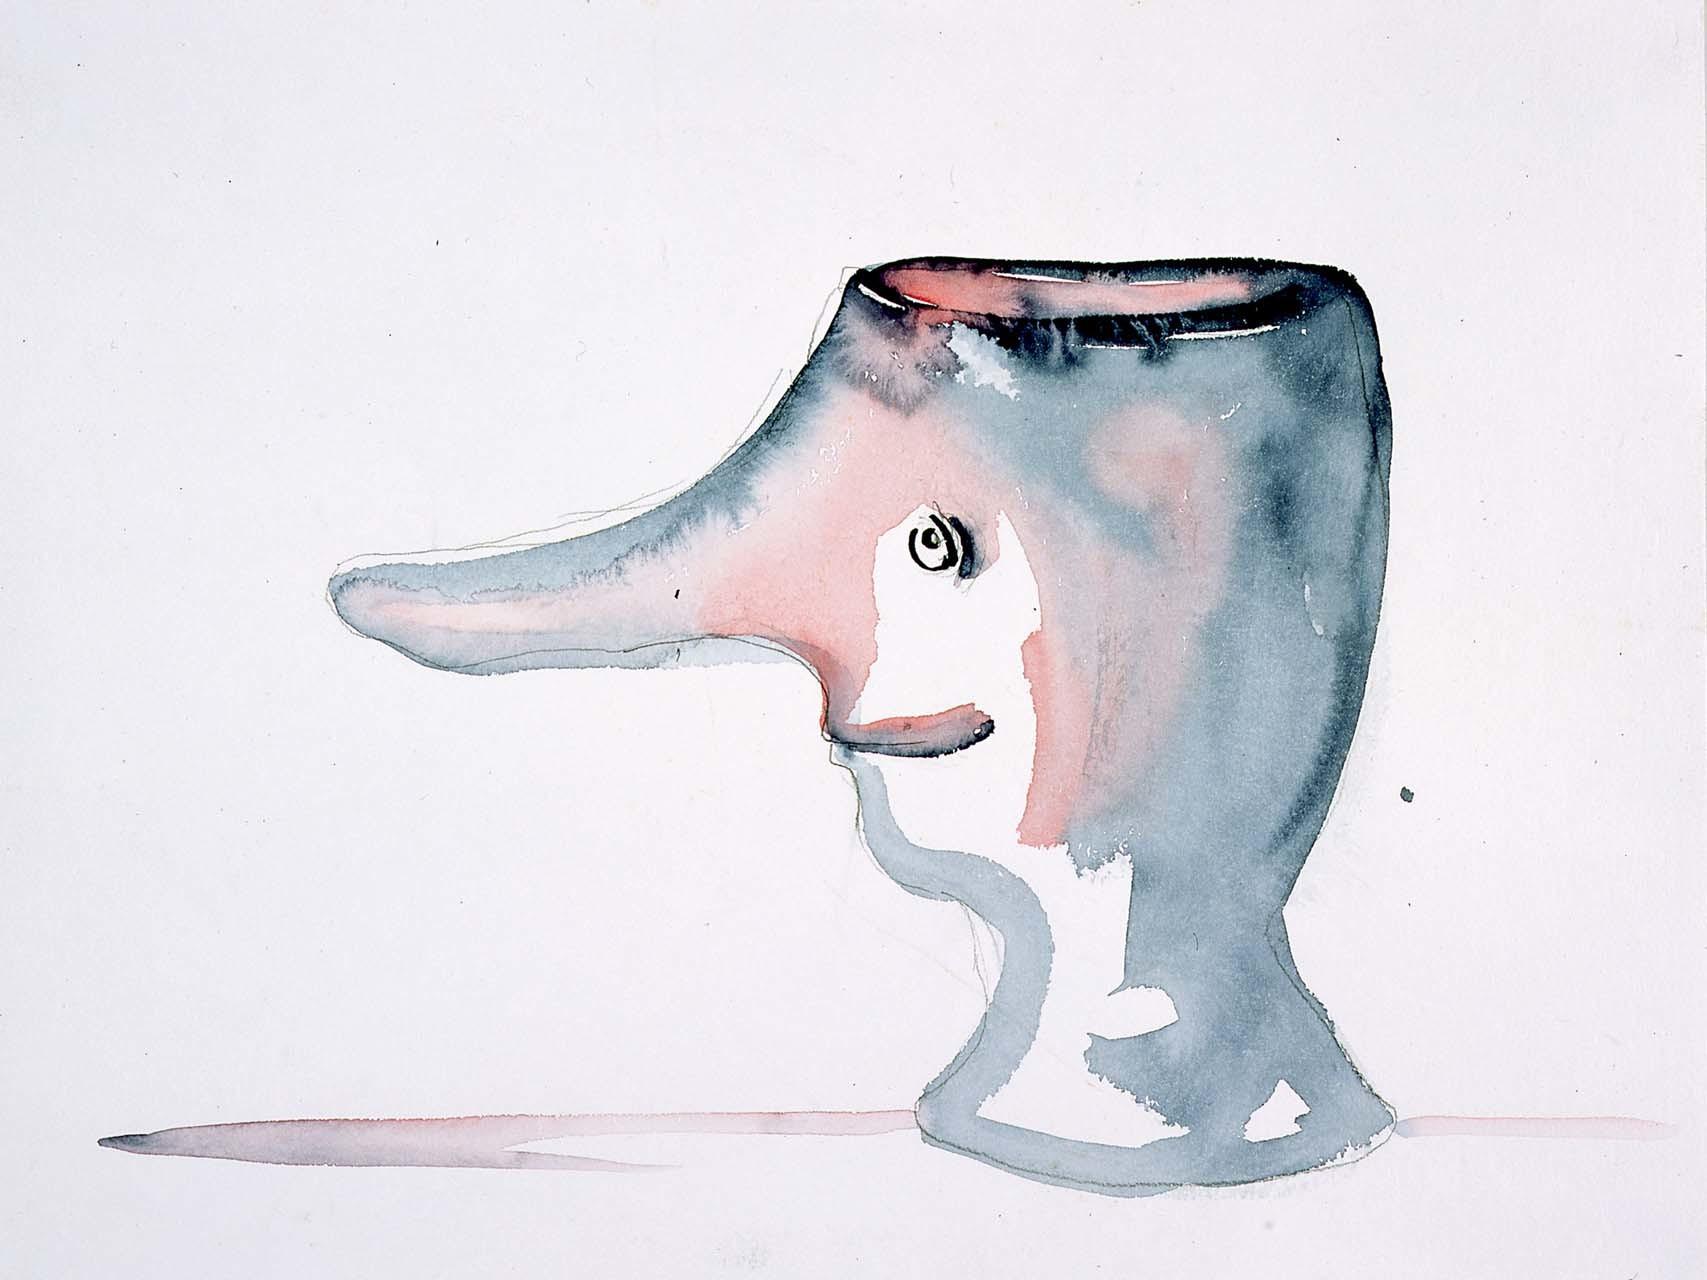 """<div class=""""artwork_caption""""><p>Eler Bechergesicht, 2005</p></div>"""